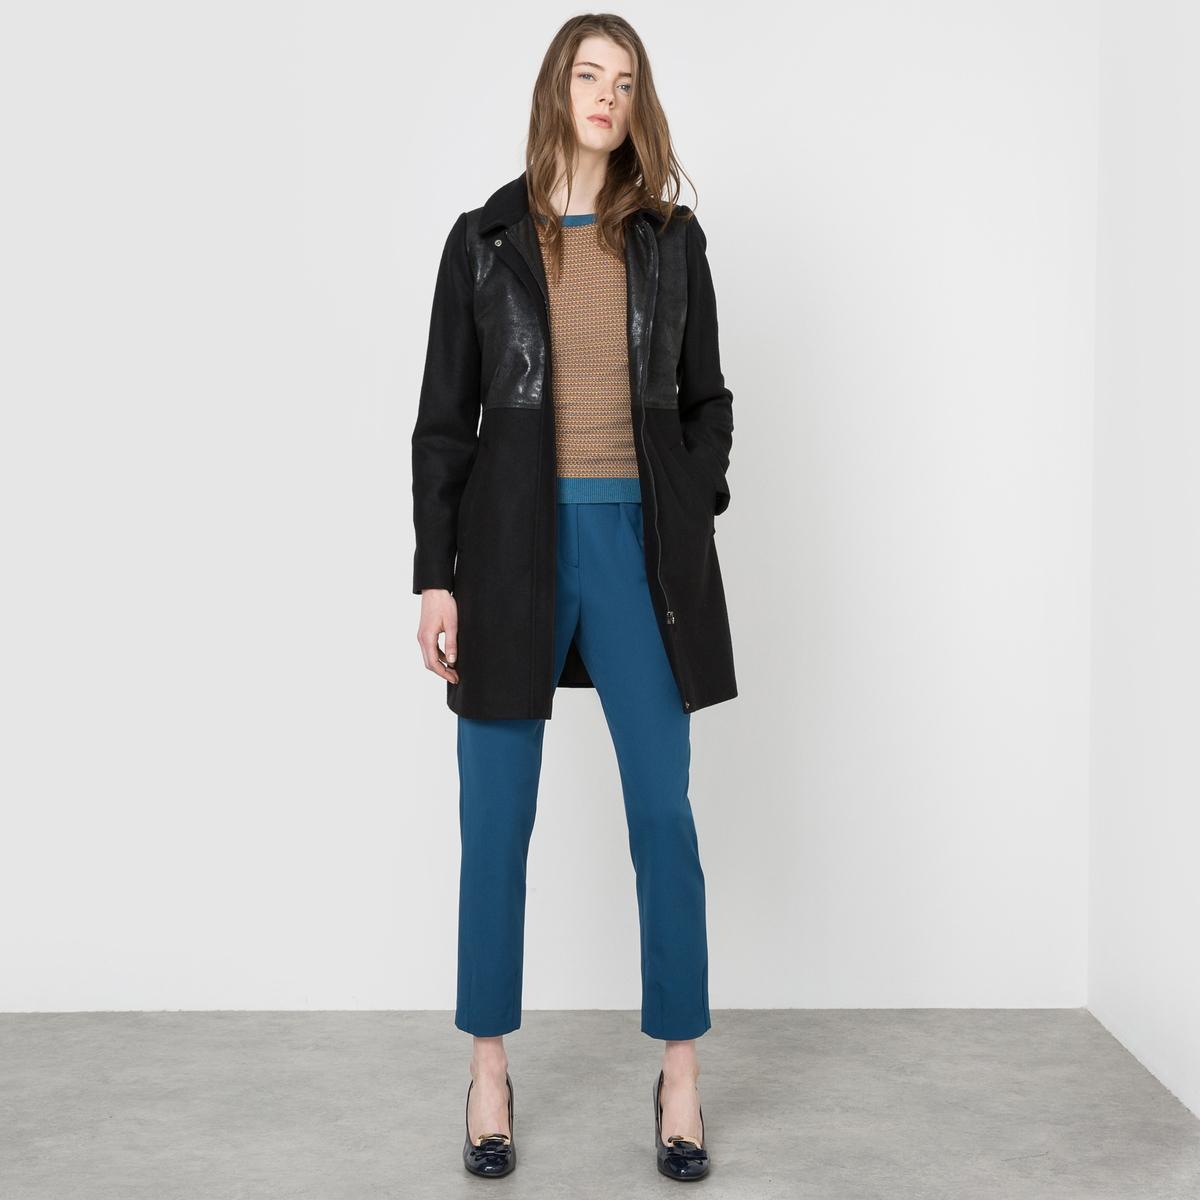 Пальто из шерстяного драпа, 70% шерсти